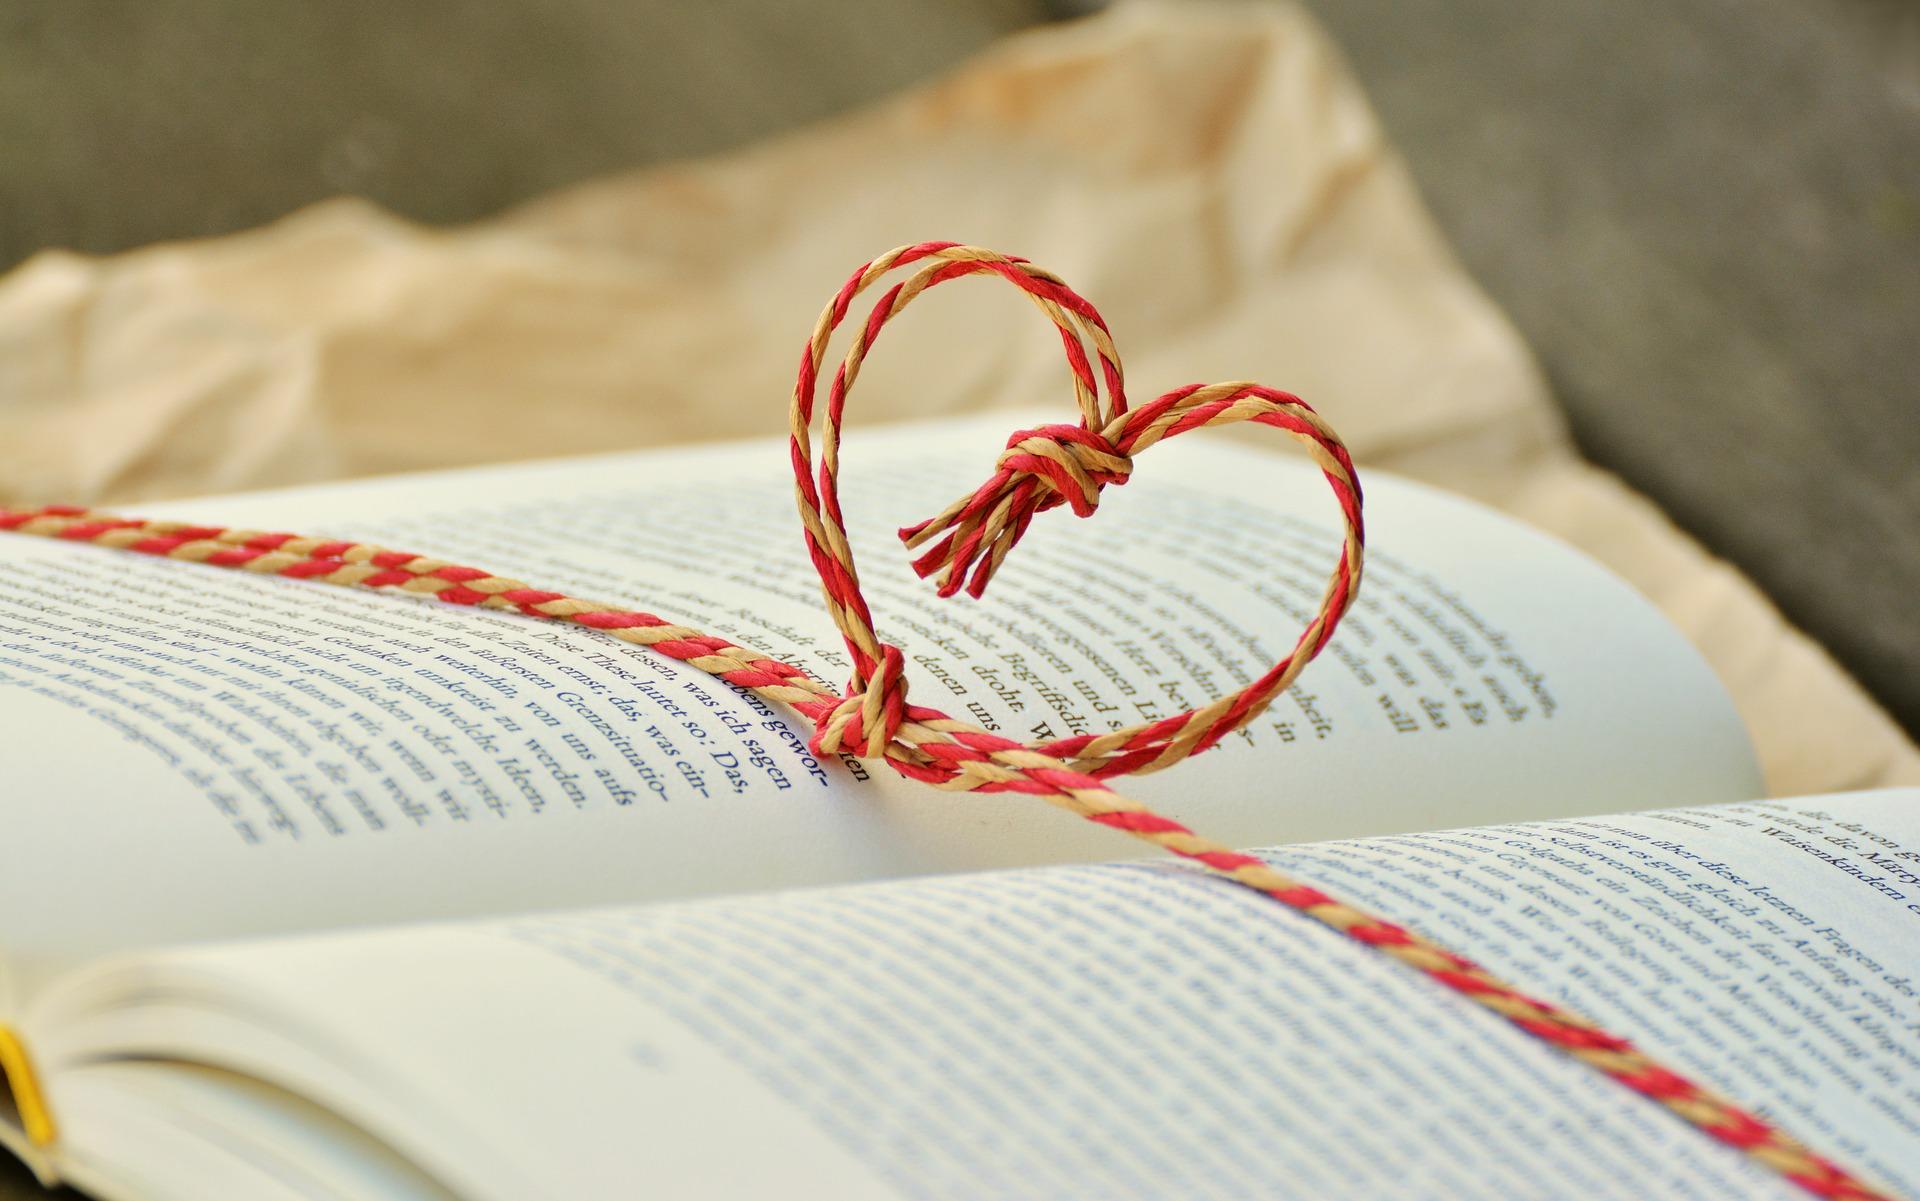 Bücher sind immer ein gutes Geschenk!